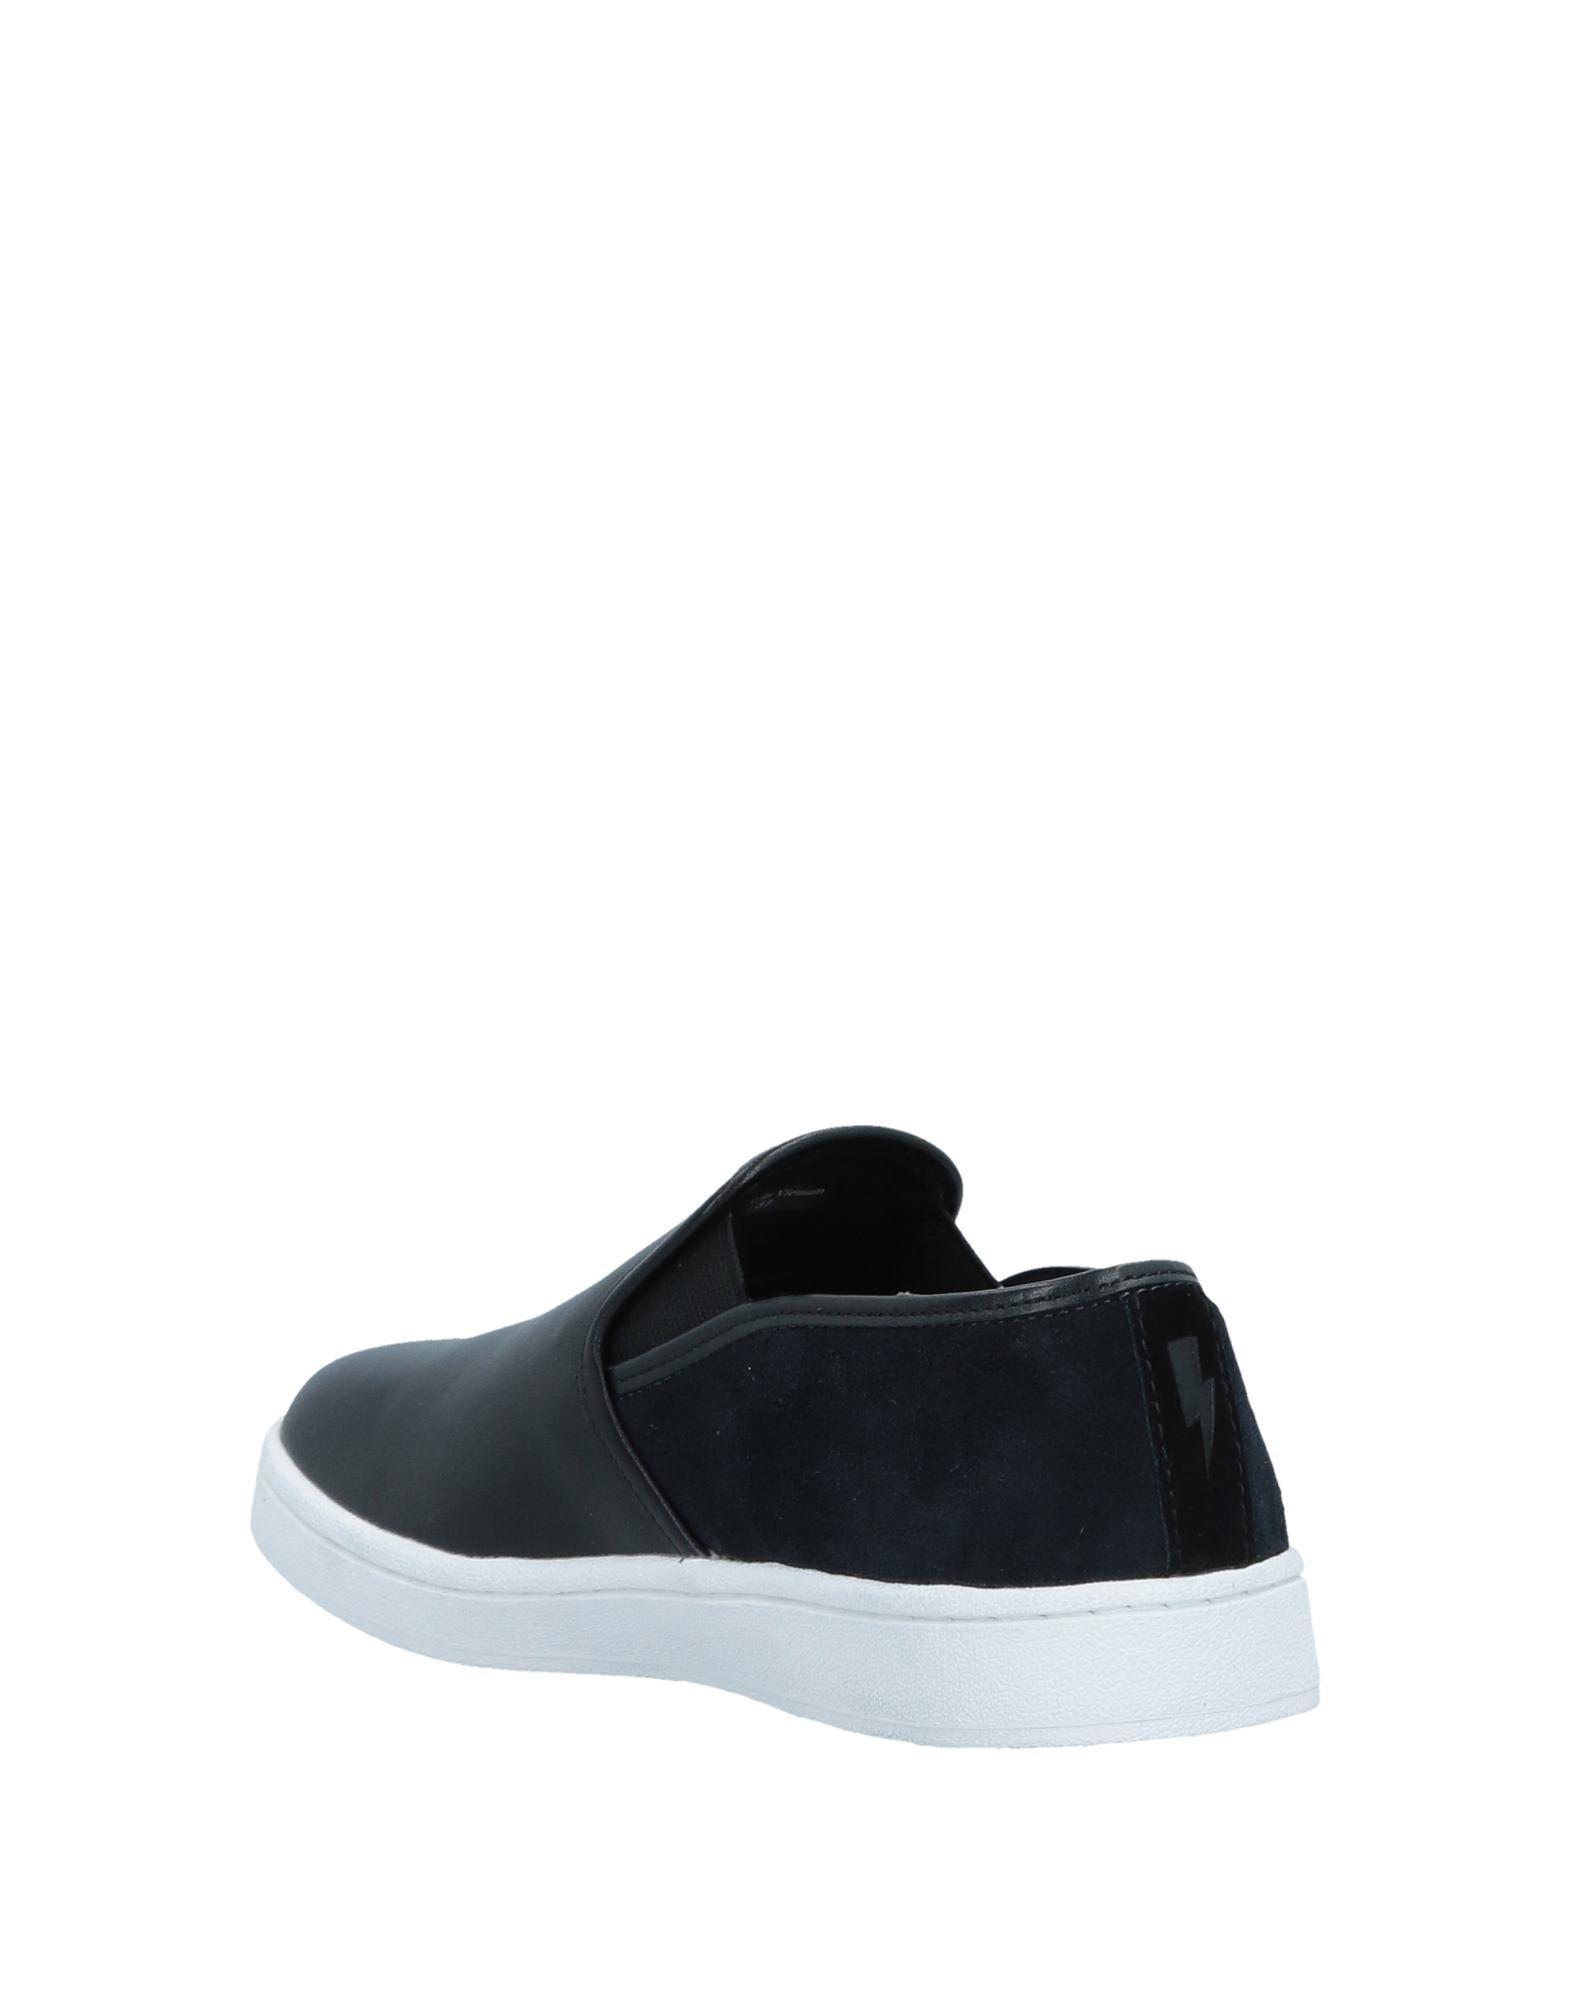 Neil Barrett Sneakers - Women Women Women Neil Barrett Sneakers online on  Canada - 11522406VS 9c4d1f